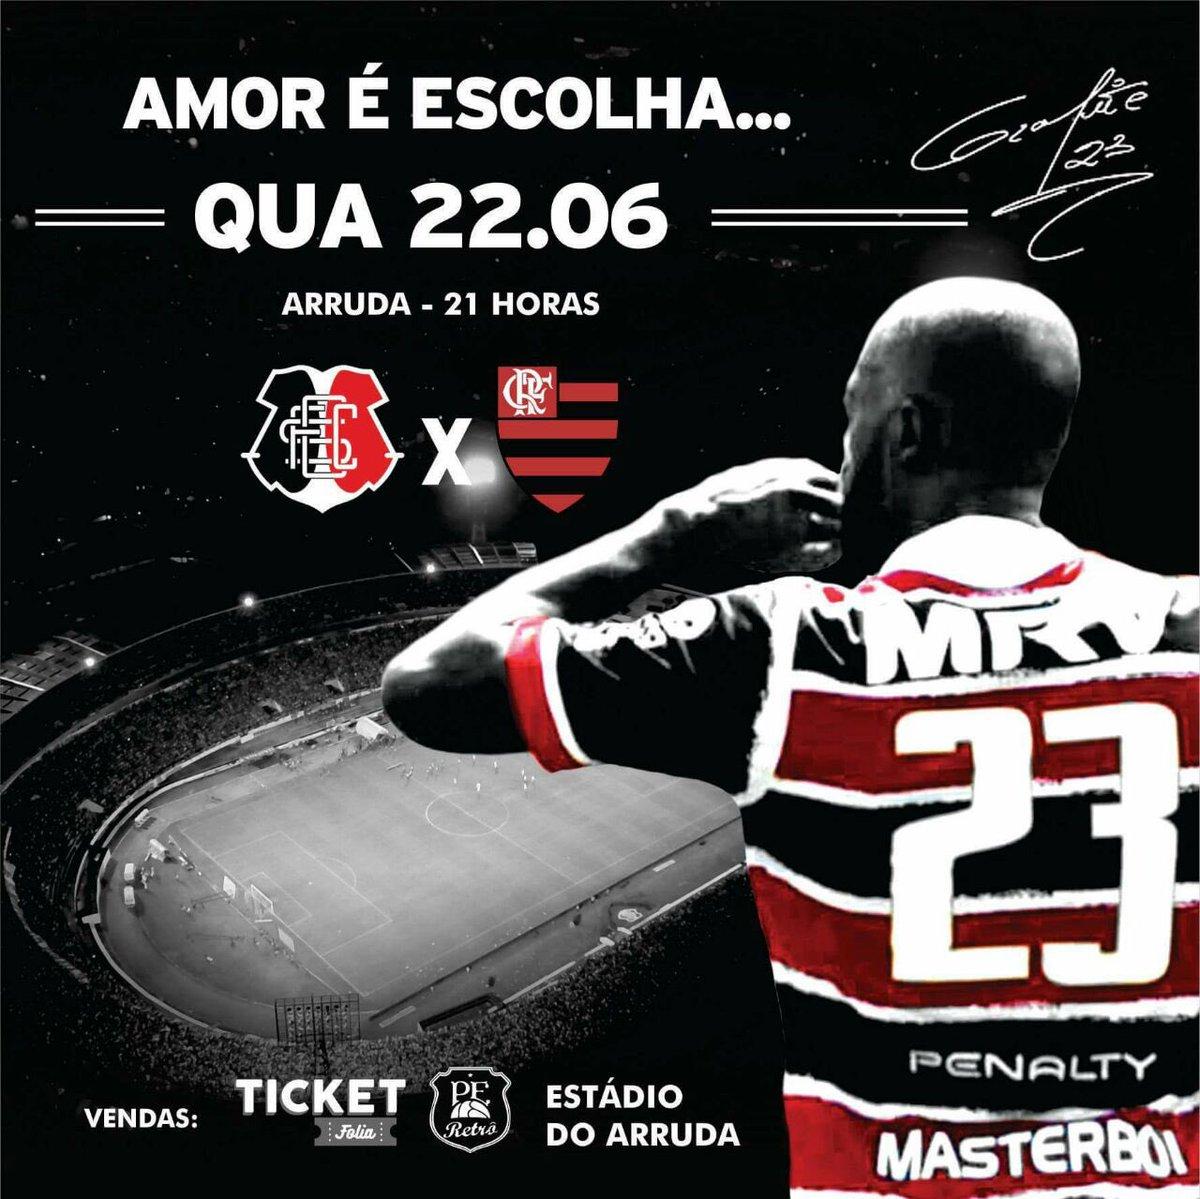 Atenção tricolor ! Começamos a divulgação pro jogo Santa X Flamengo ! Chegou a hora de chegar junto ! https://t.co/dgYVsGWC0f